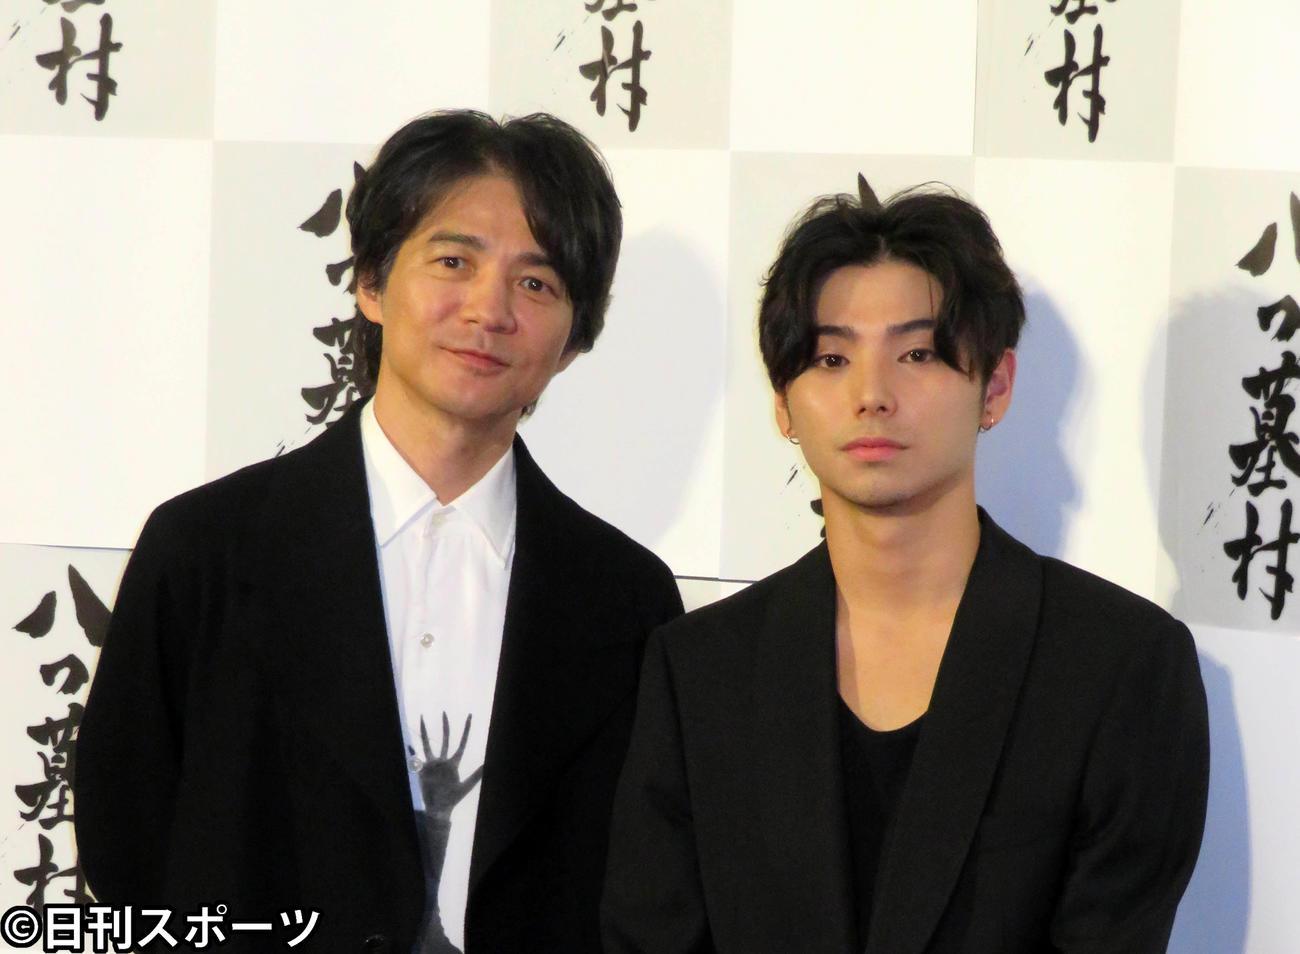 吉岡 秀隆 結婚